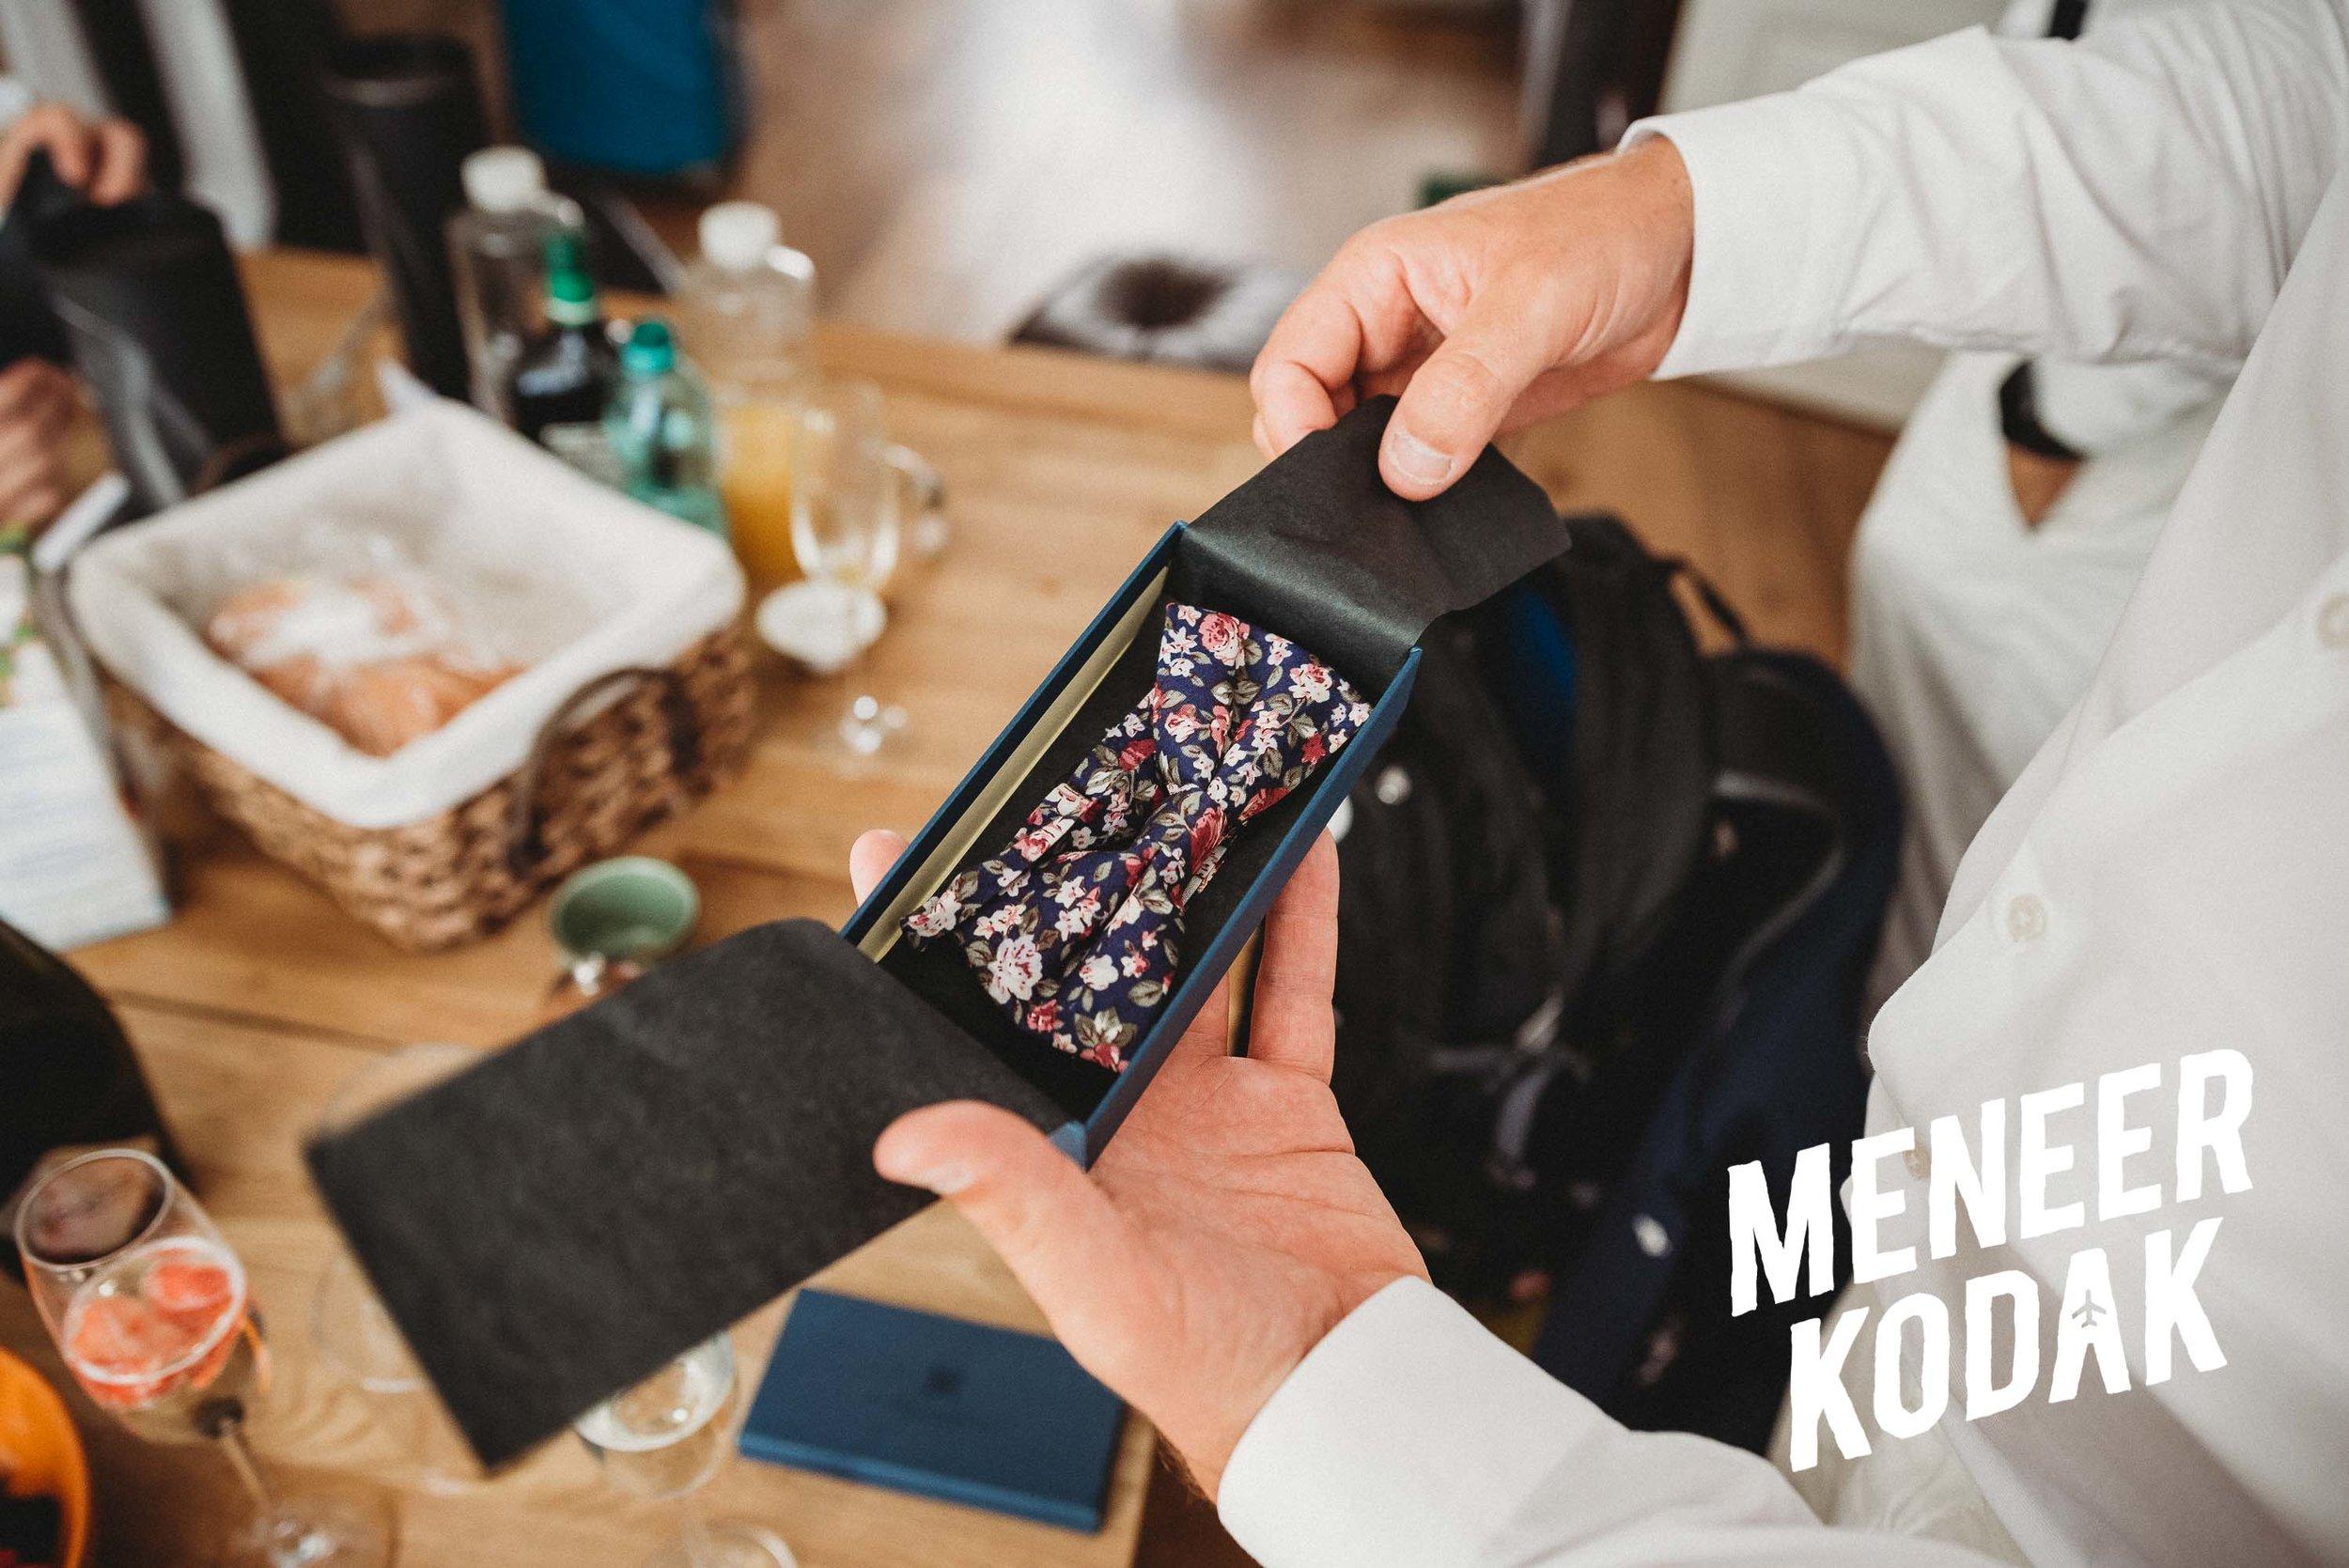 Meneer Kodak - Trouwfotograaf - Amsterdam - H&T-008.jpg